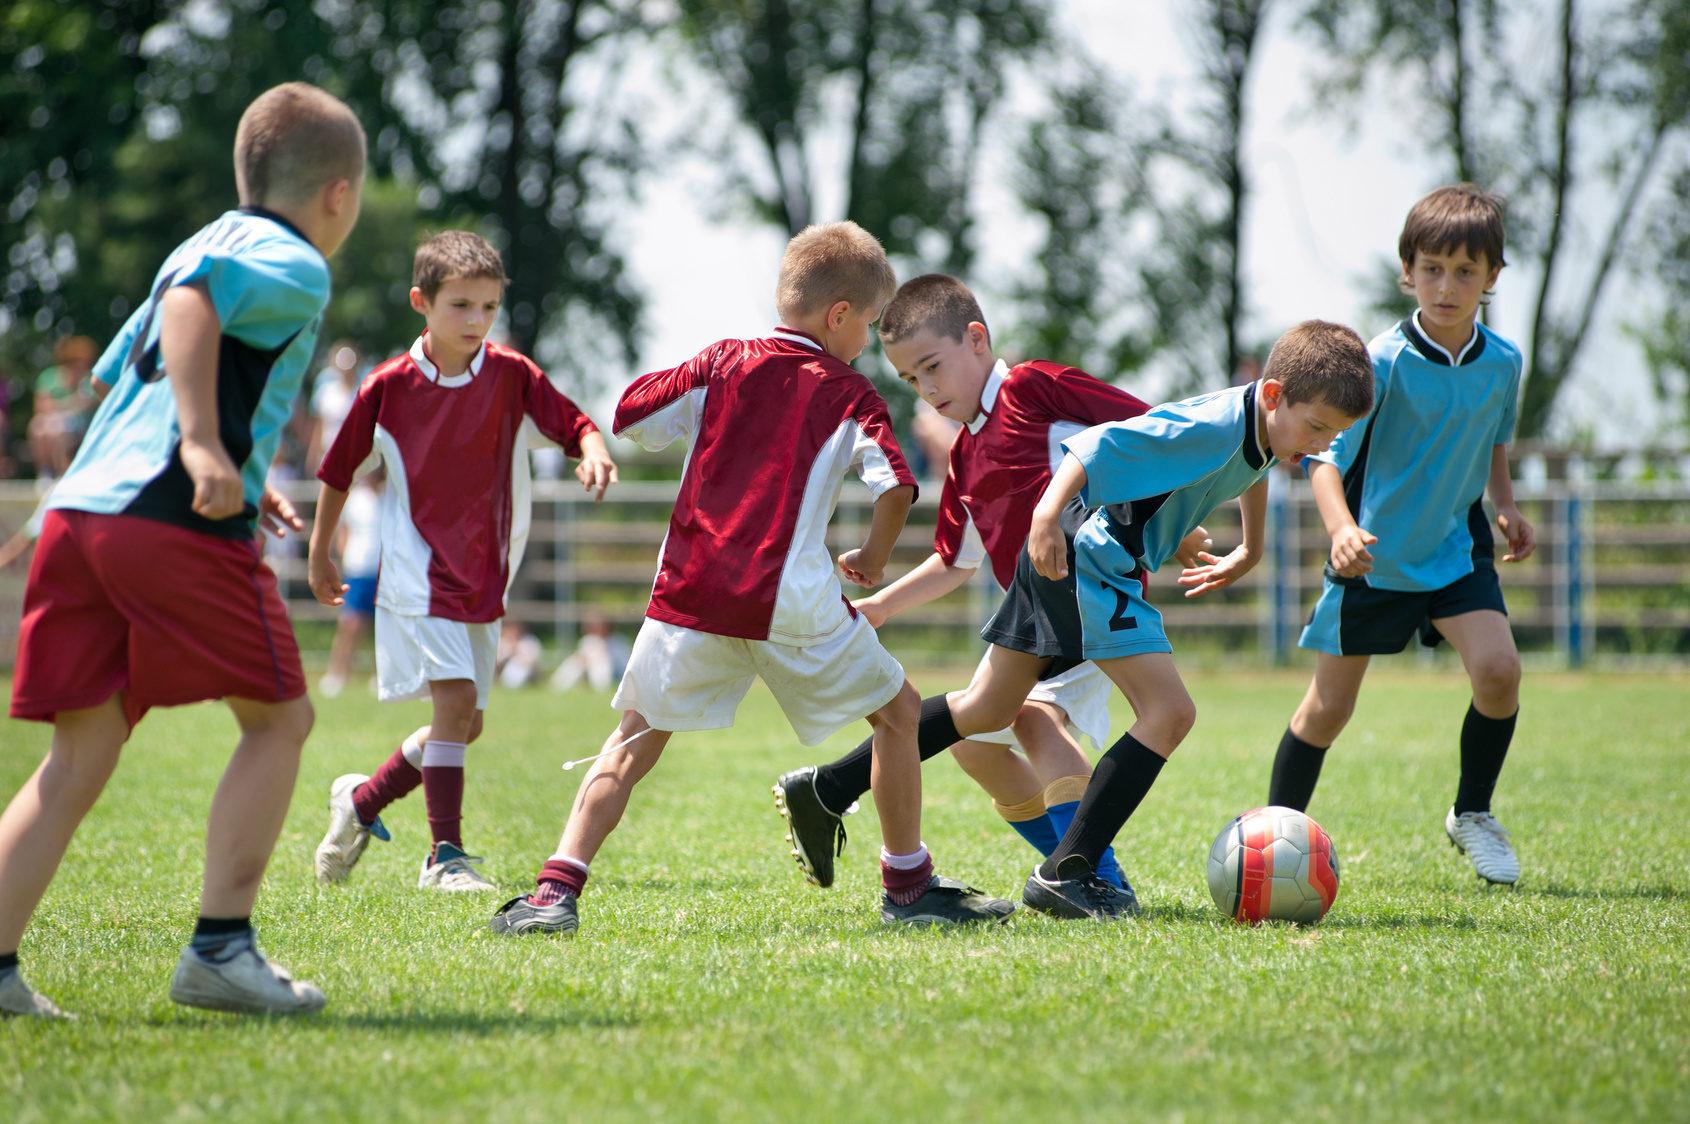 Neues vom Fußball